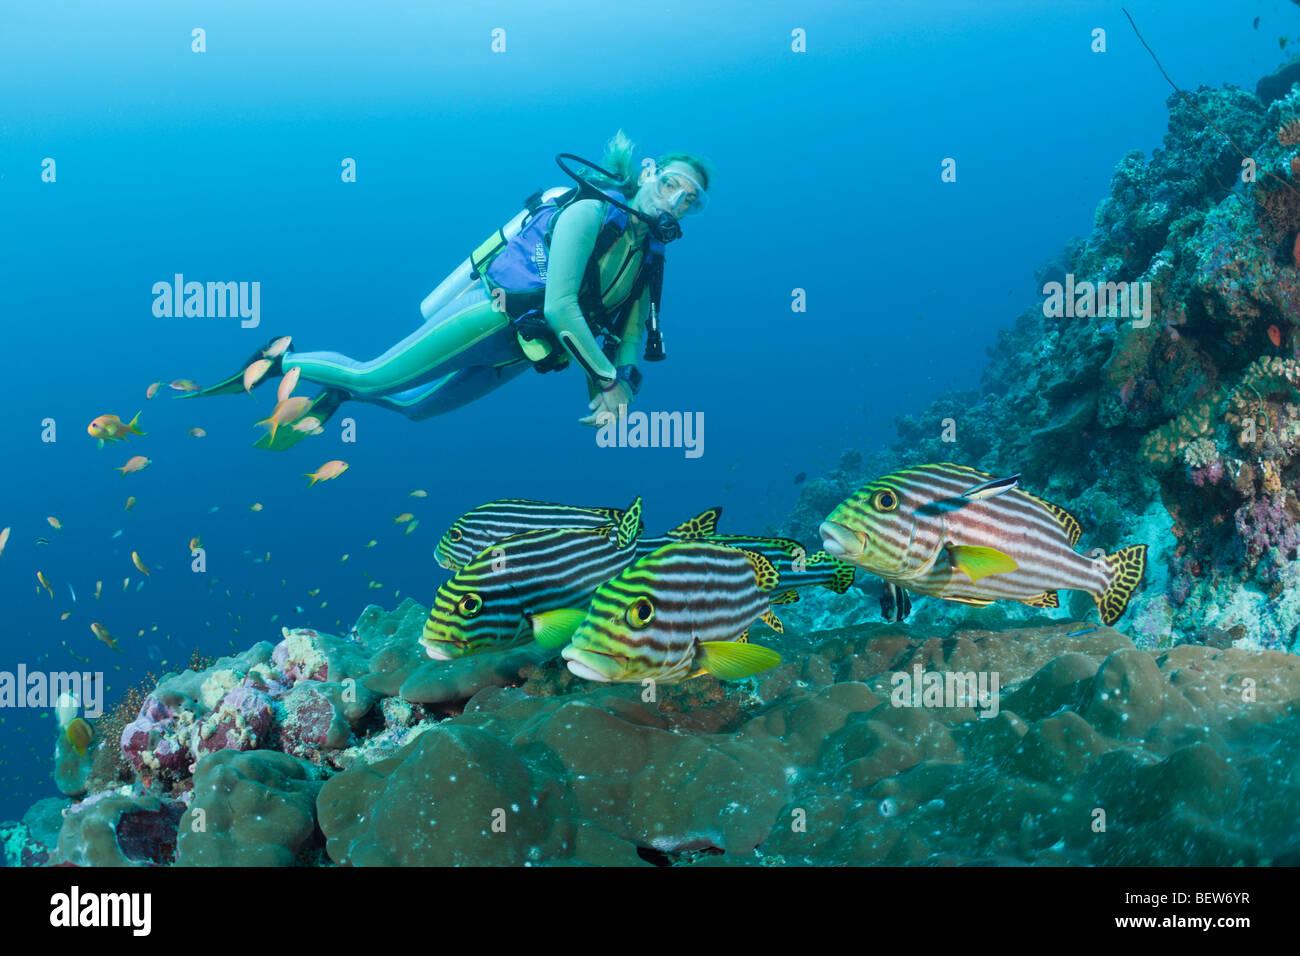 Sweetlips orientales y buzo, Esquina Plectorhinchus orientalis, cacao, South Male Atoll, Maldivas Imagen De Stock